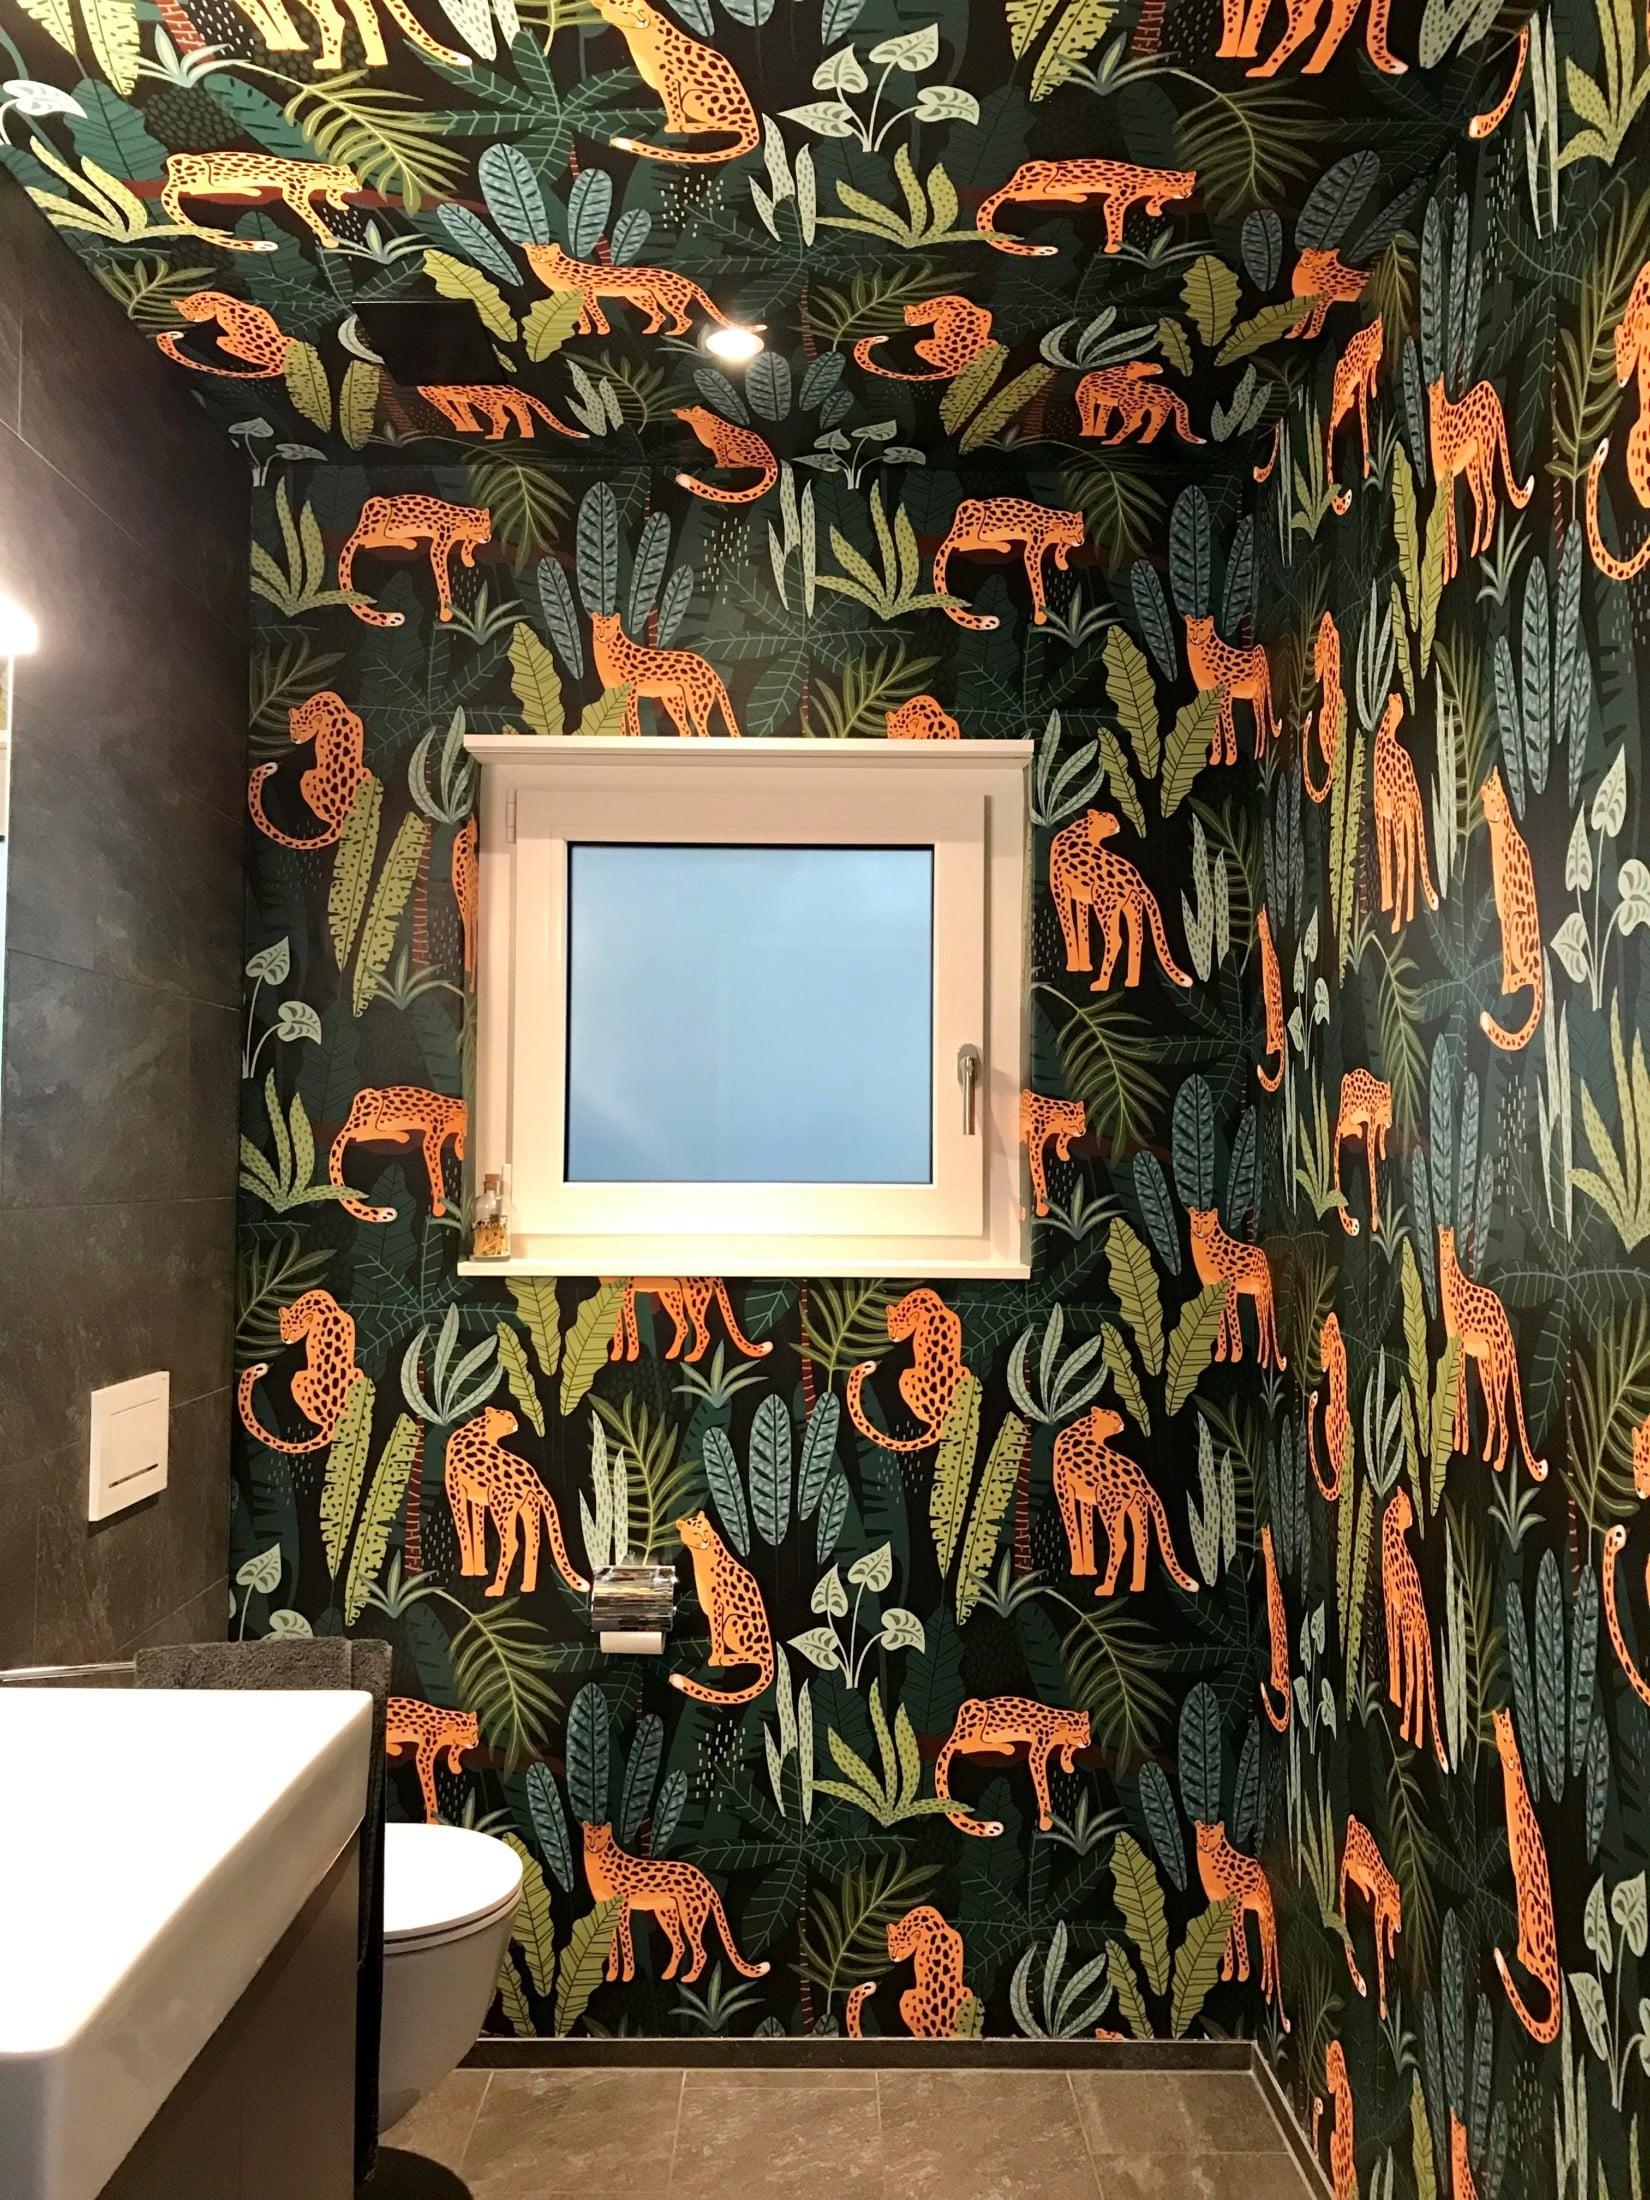 SIHL in einer Gästetoilette – Außergewöhnliche Gestaltung sorgt für optische Größe